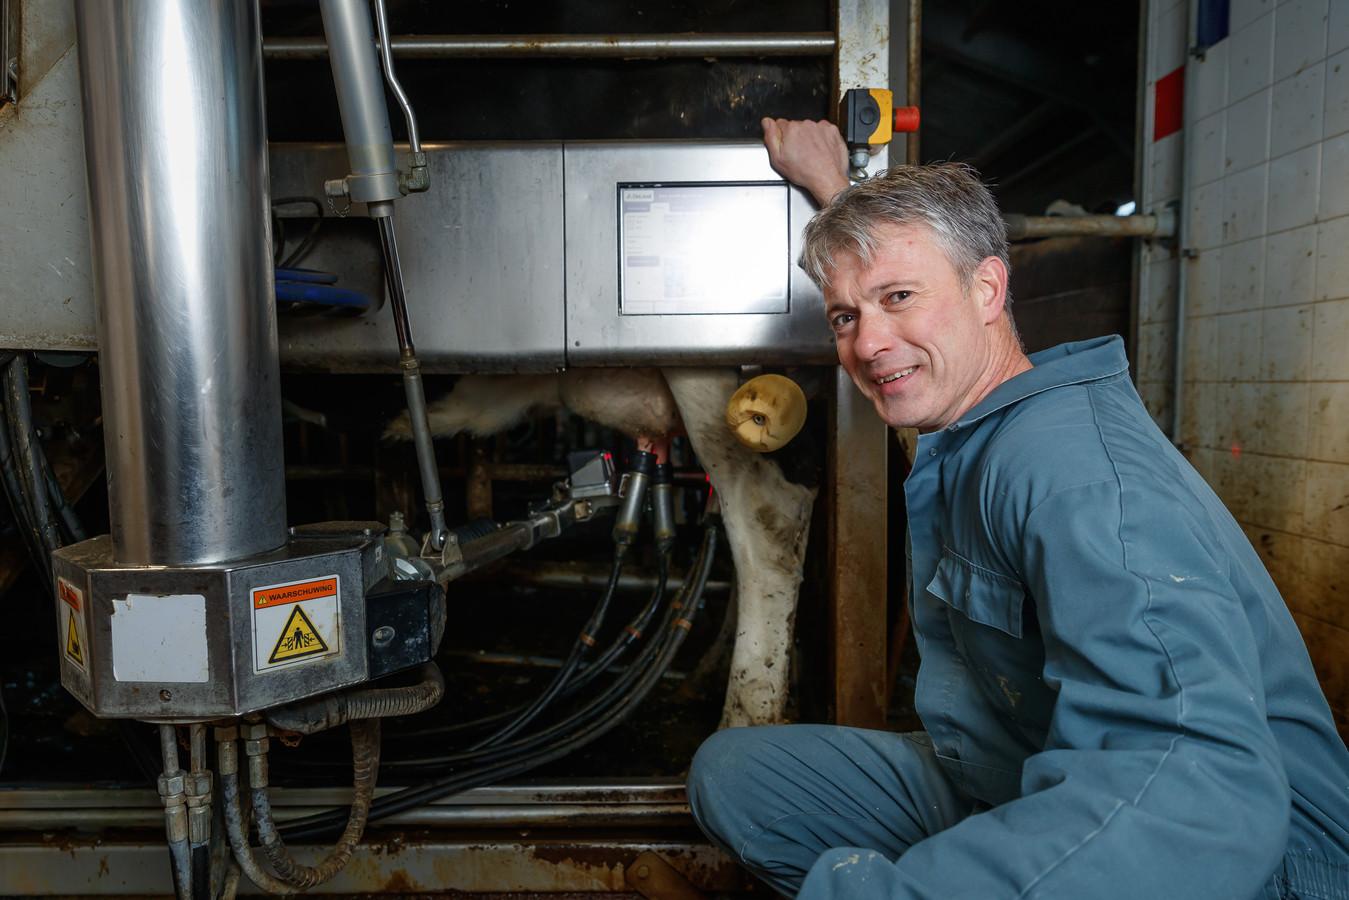 Veehouder René Vermunt schrijft elke drie weken een column over het leven op de boerderij.